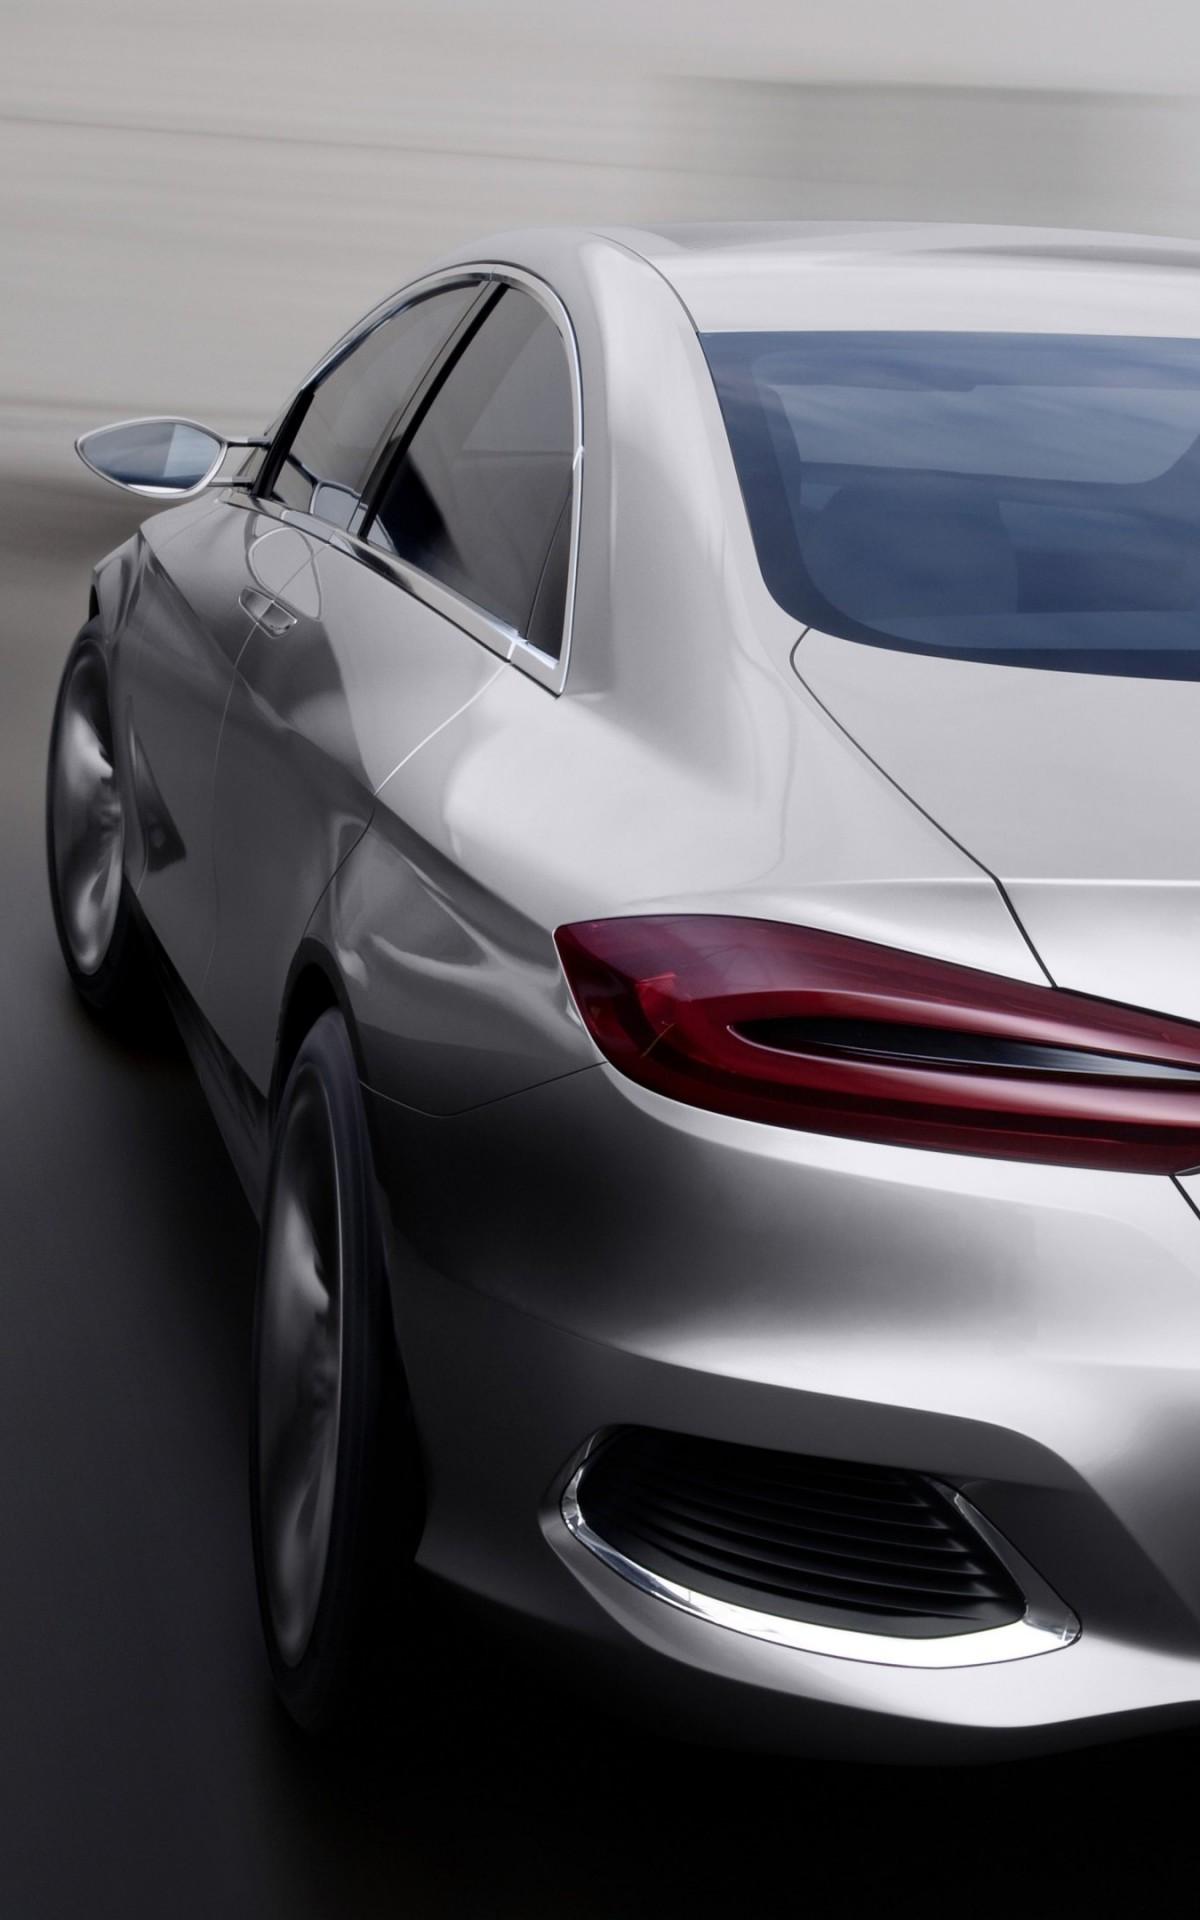 Download Mercedes Benz F800 Concept Rear View Hd Wallpaper